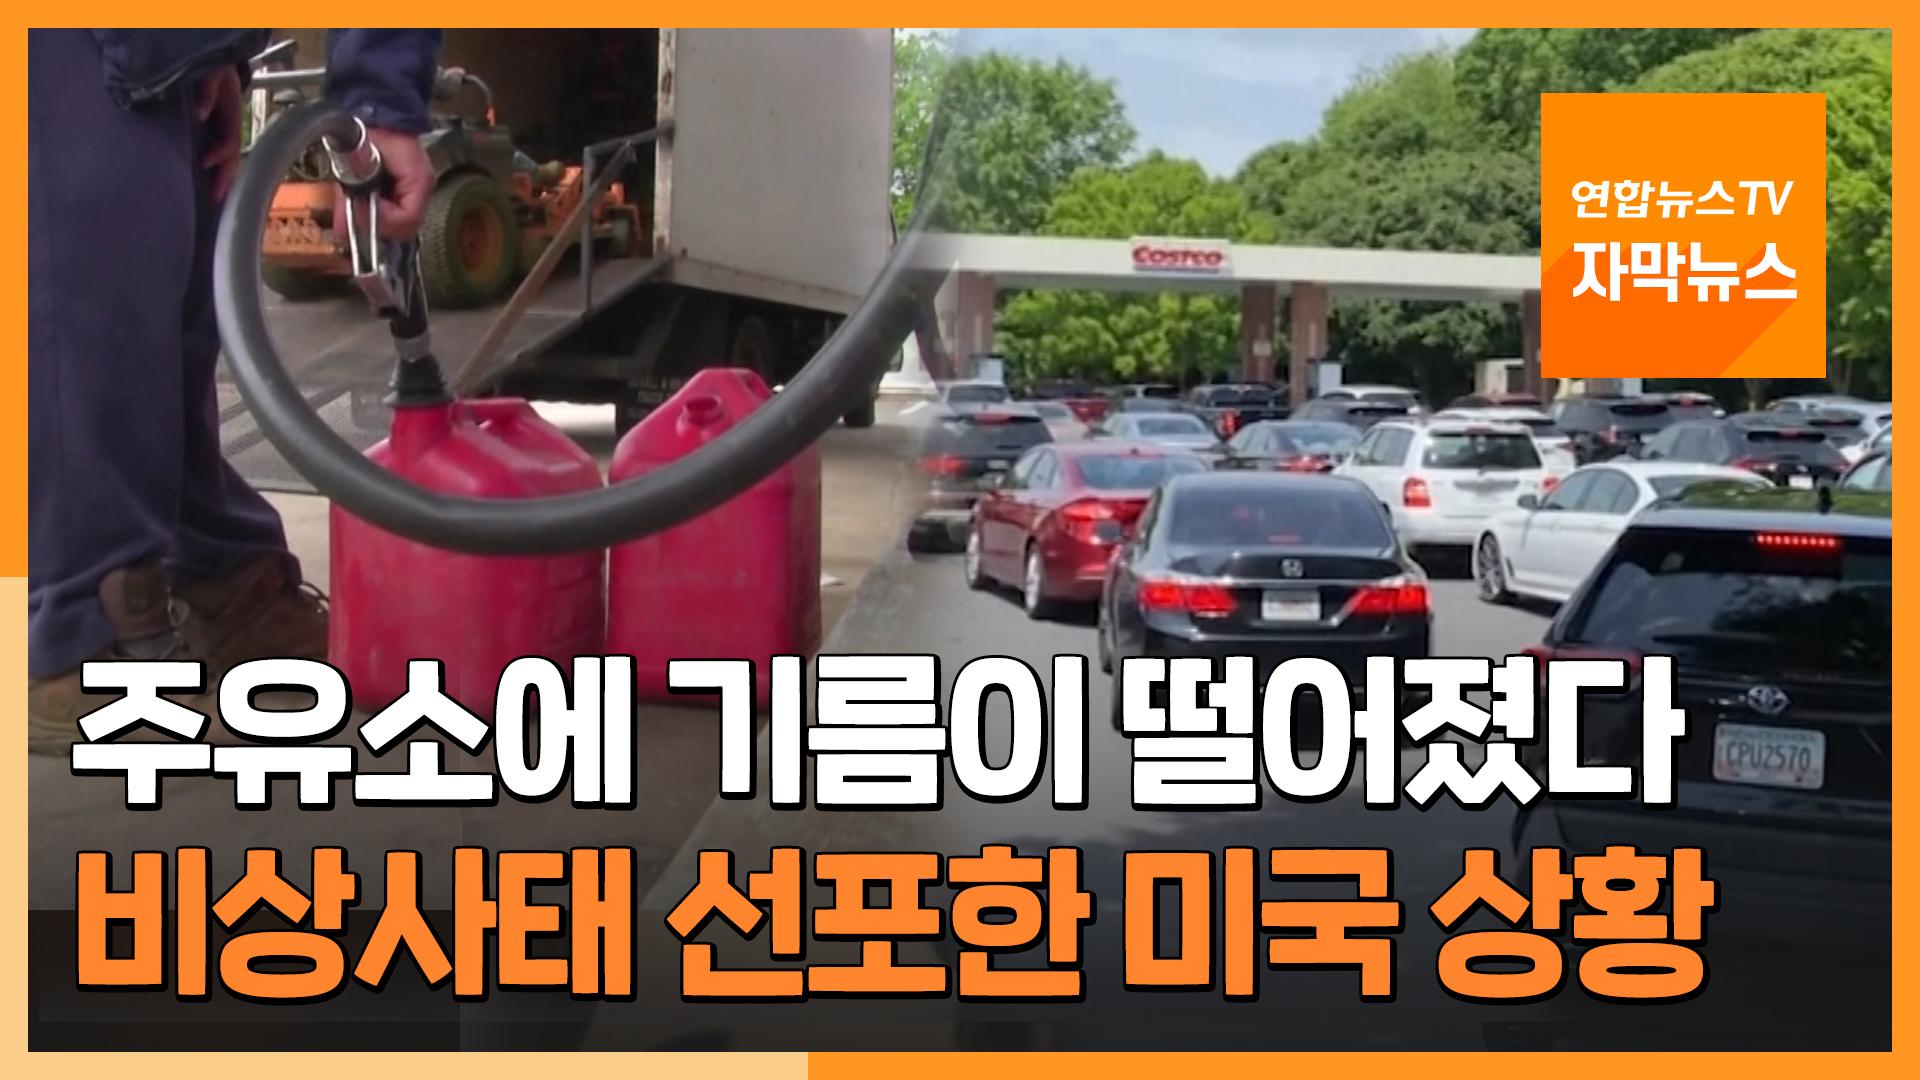 [자막뉴스] 송유관 해킹에 재고 바닥…기름 도둑도